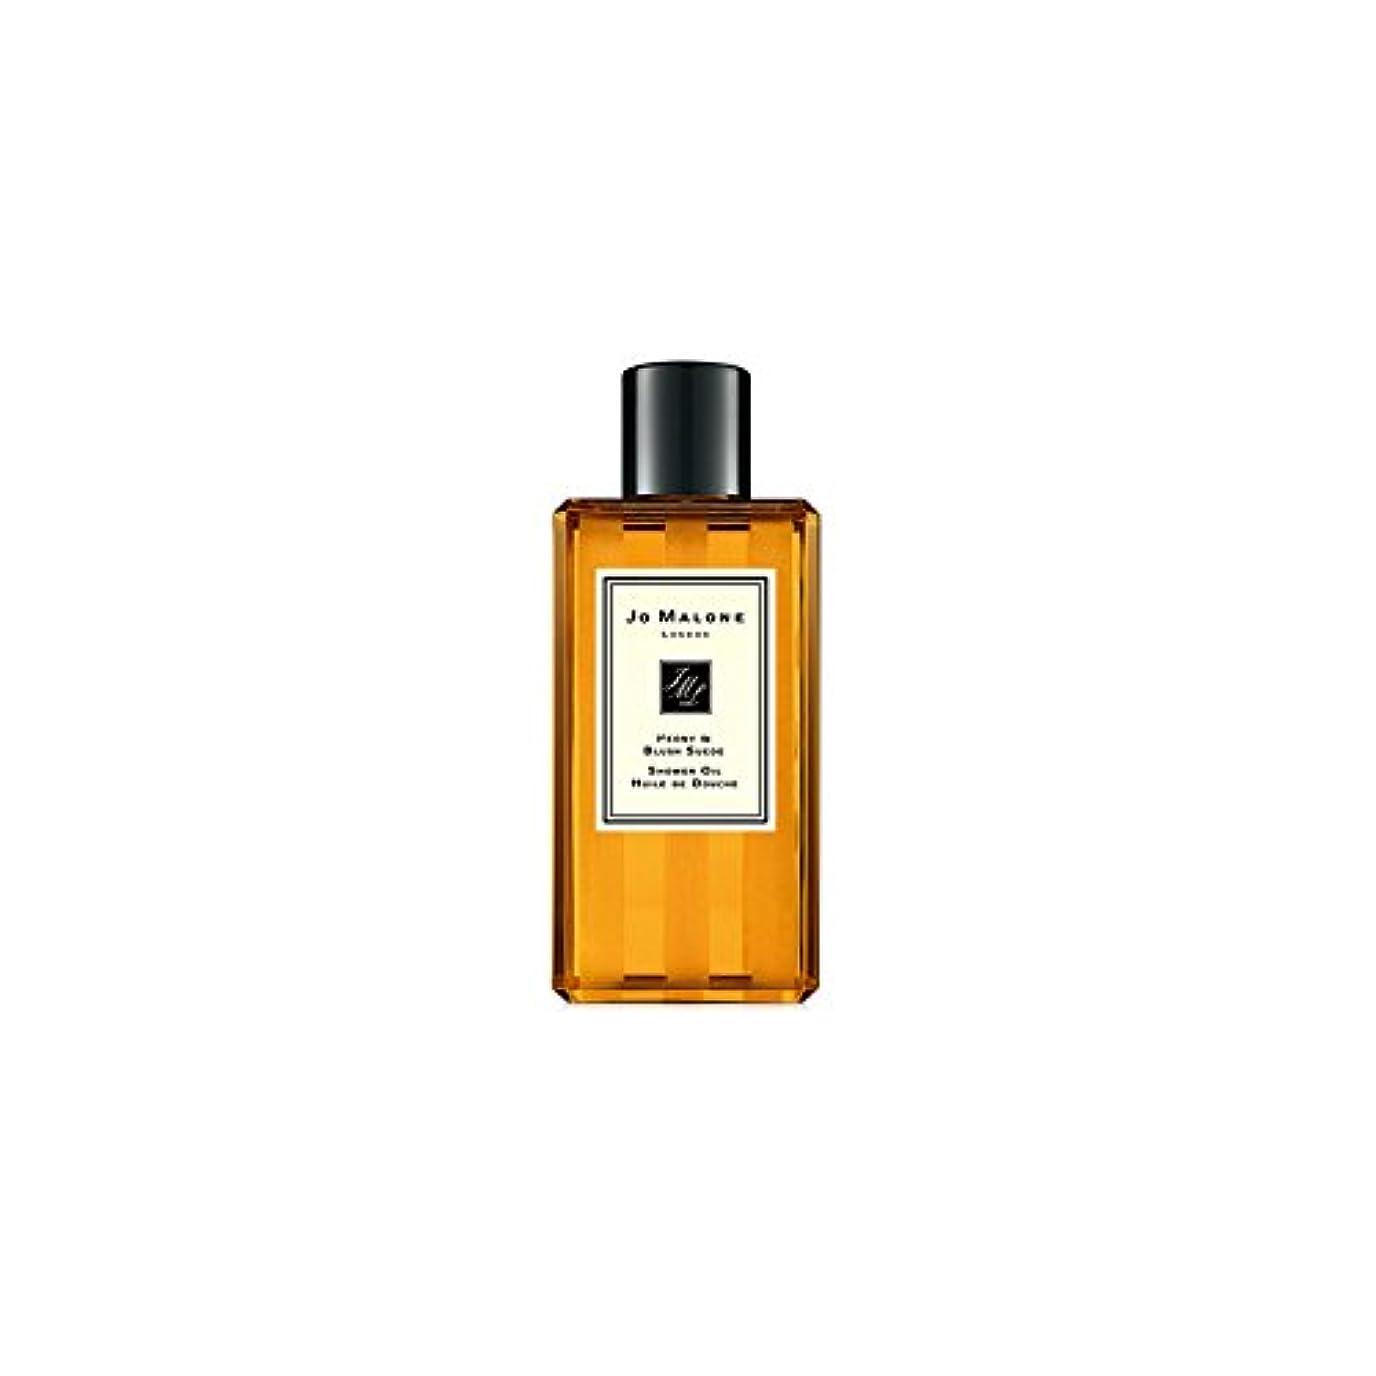 助言困惑たるみJo Malone Peony & Blush Suede Shower Oil - 250ml (Pack of 2) - ジョーマローン牡丹&スエードシャワーオイル赤面 - 250ミリリットル (x2) [並行輸入品]